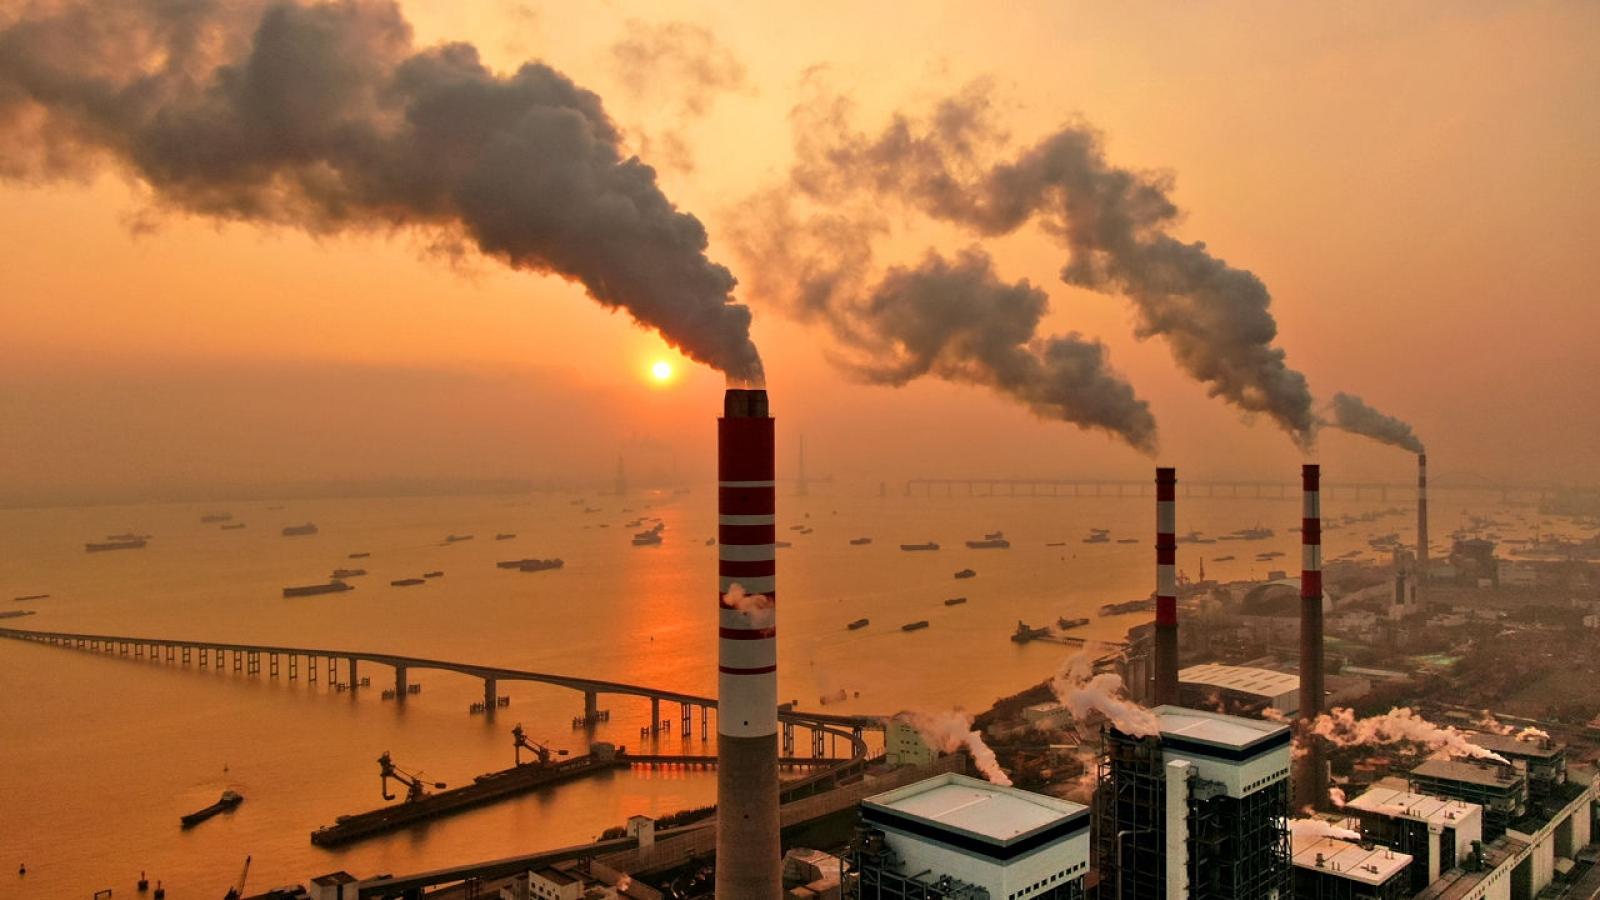 Trung Quốc phát triển công nghệ thu và lưu trữ carbon thế hệ mới giúp giảm khí phát thải